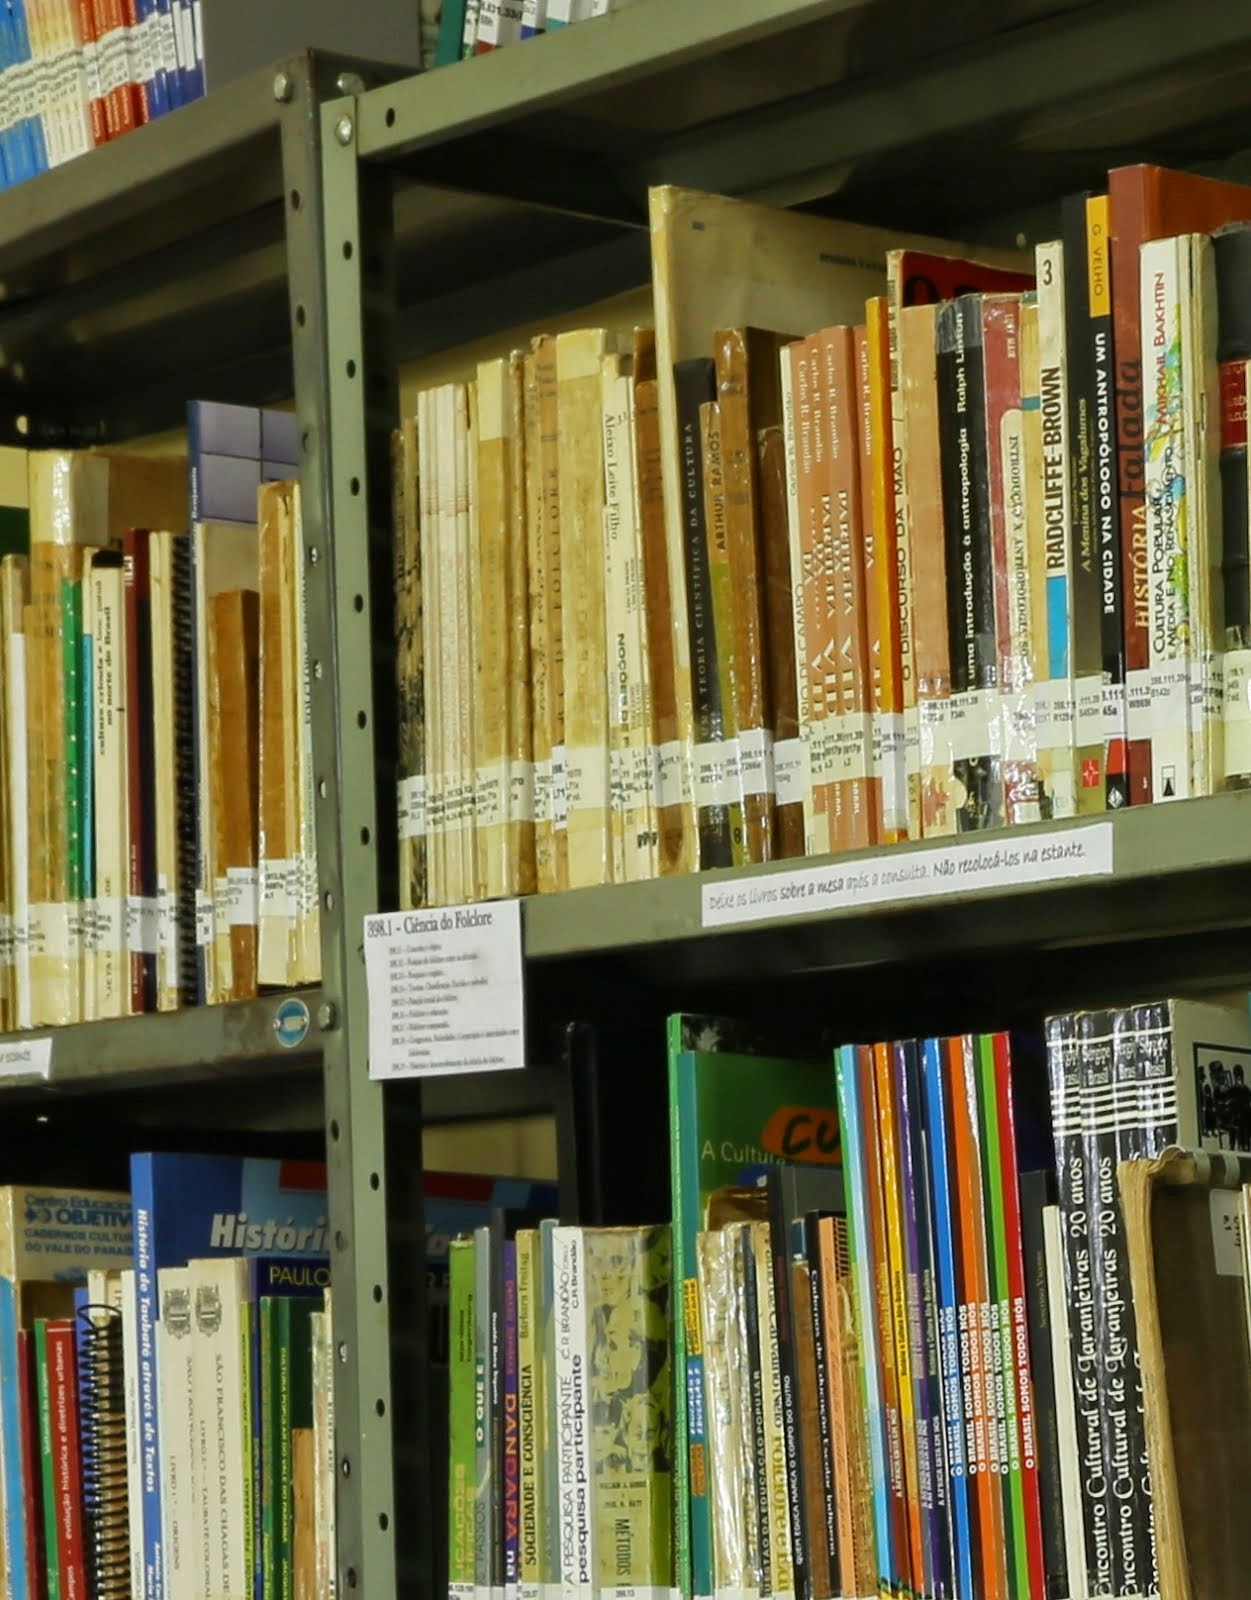 CONSULTE POR AQUI O ACERVO DA BIBLIOTECA DO MUSEU